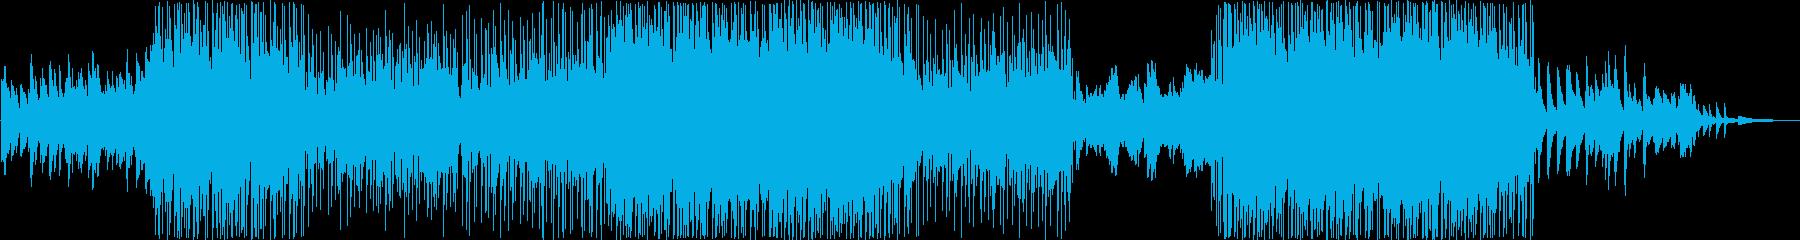 【メロディ抜き】切なく感動的な映像・番組の再生済みの波形